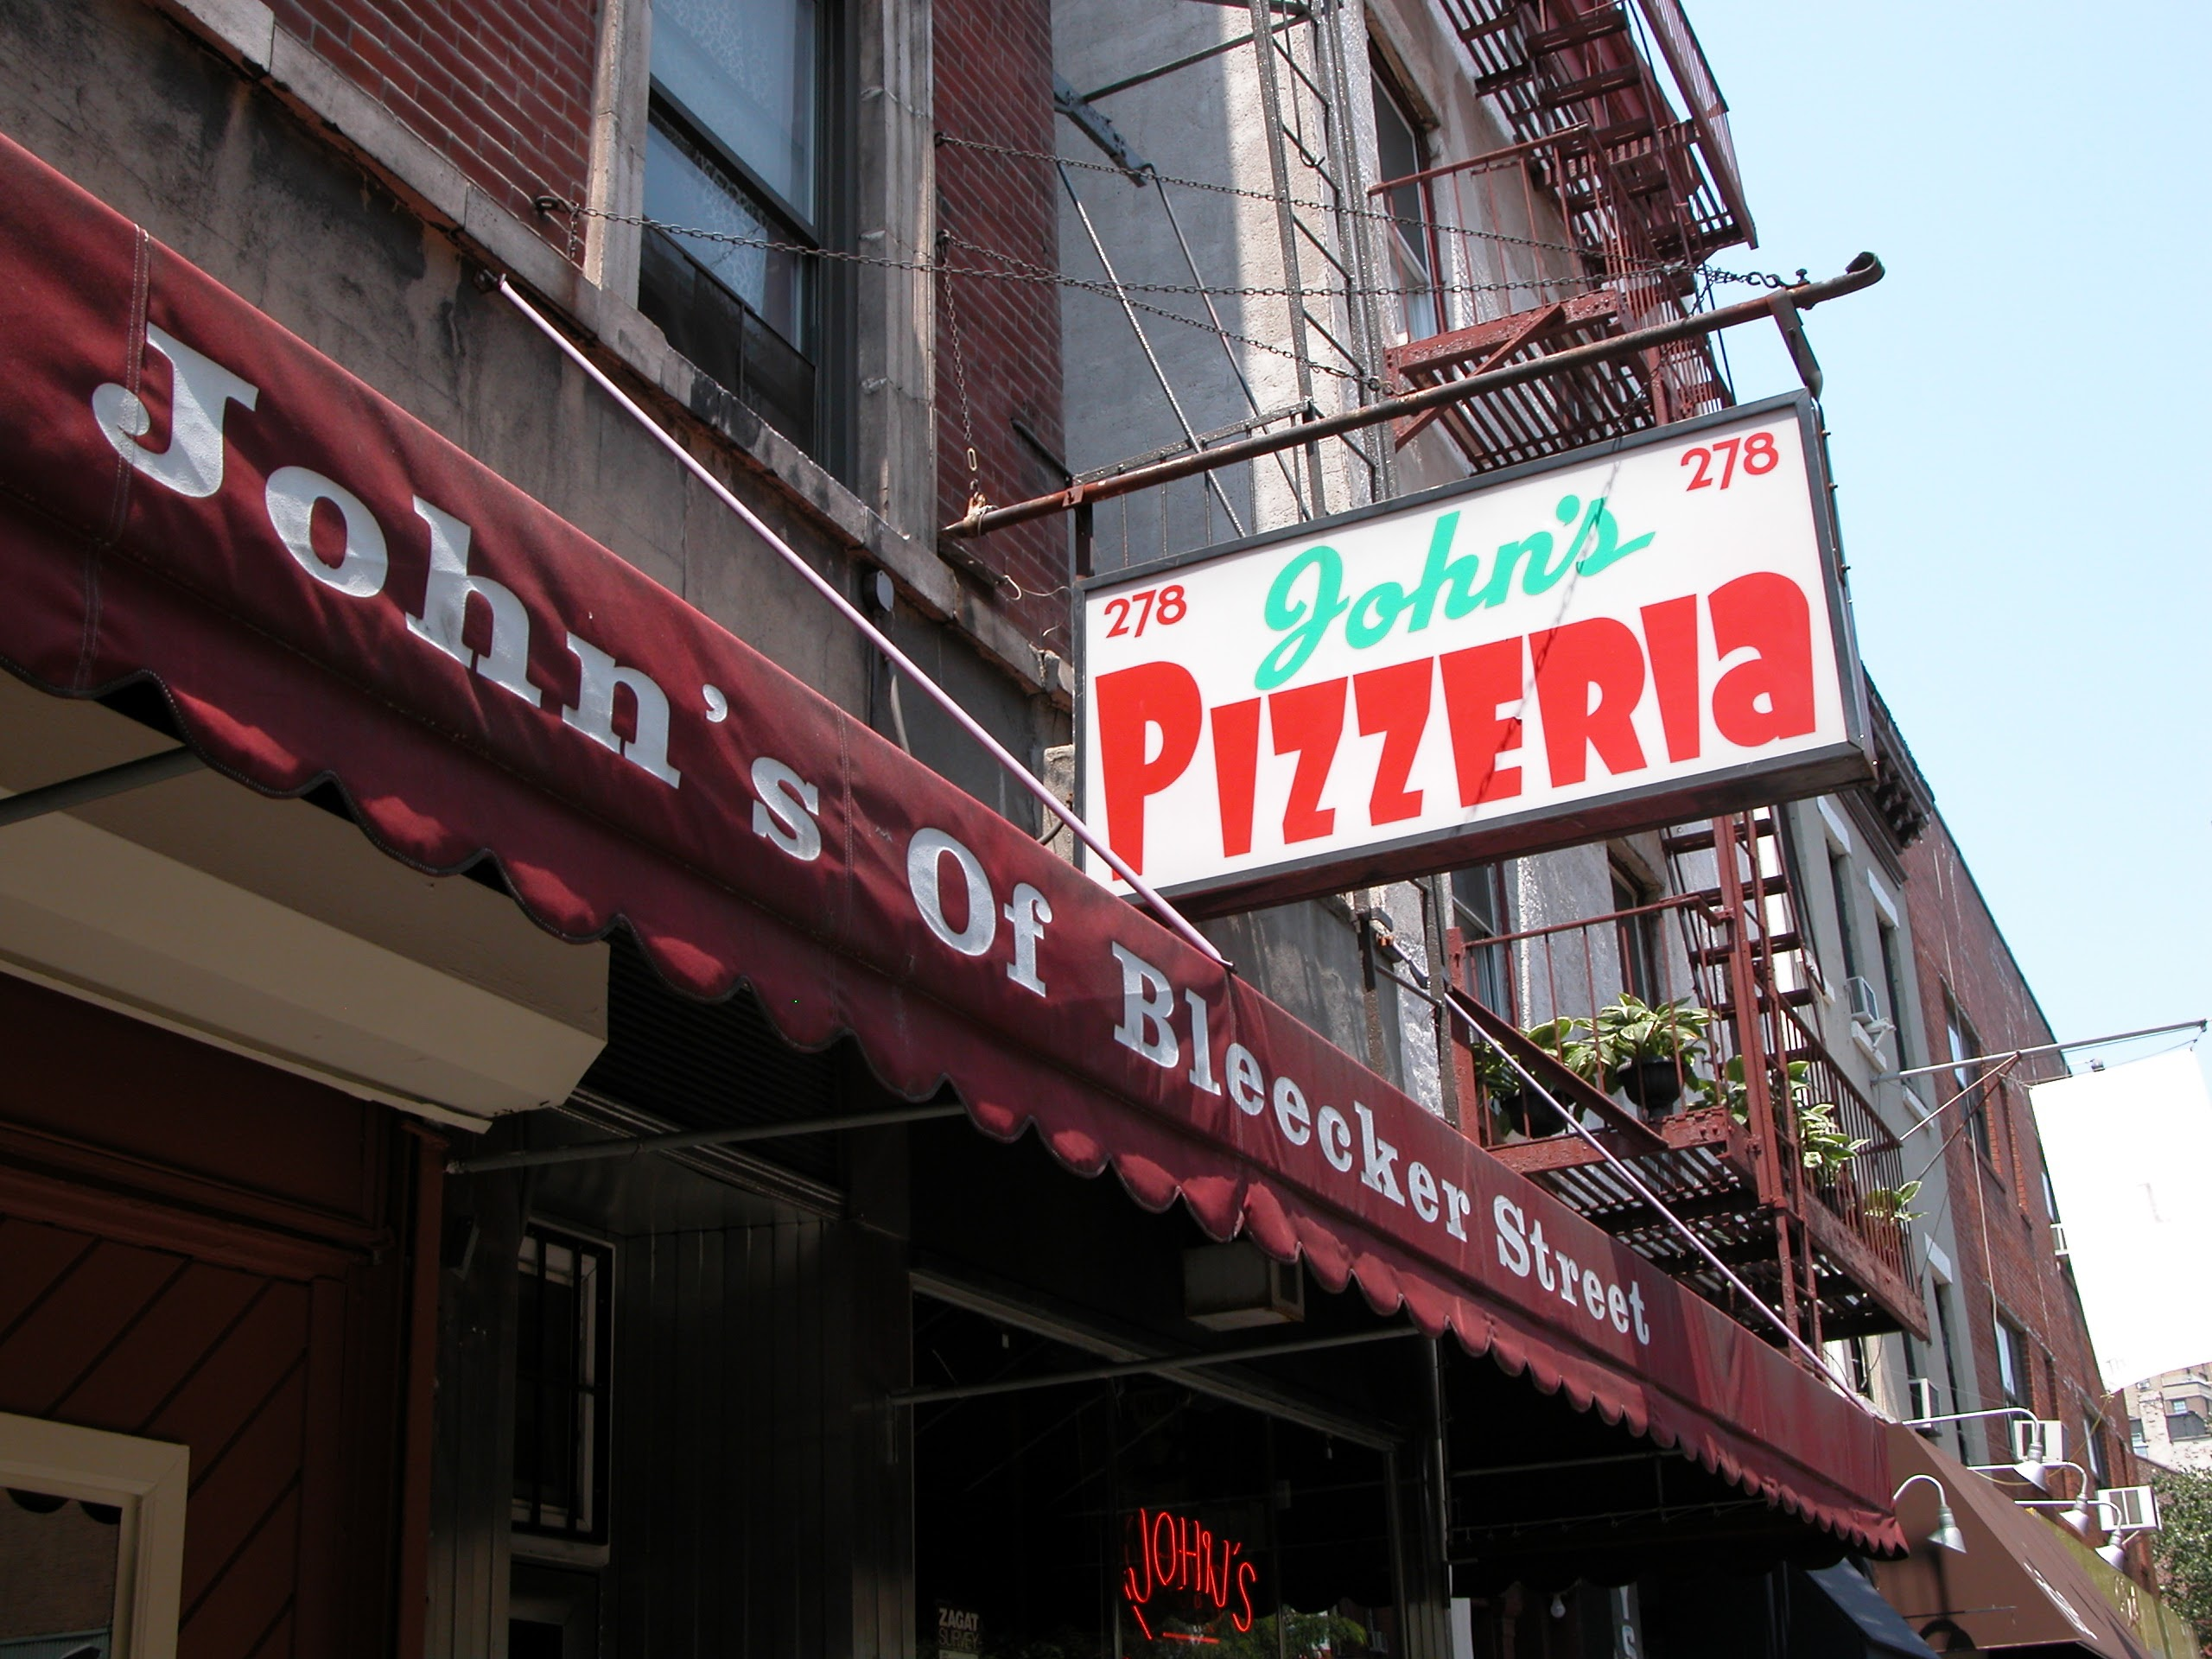 John's Pizzeria, Greenwich Village, NY